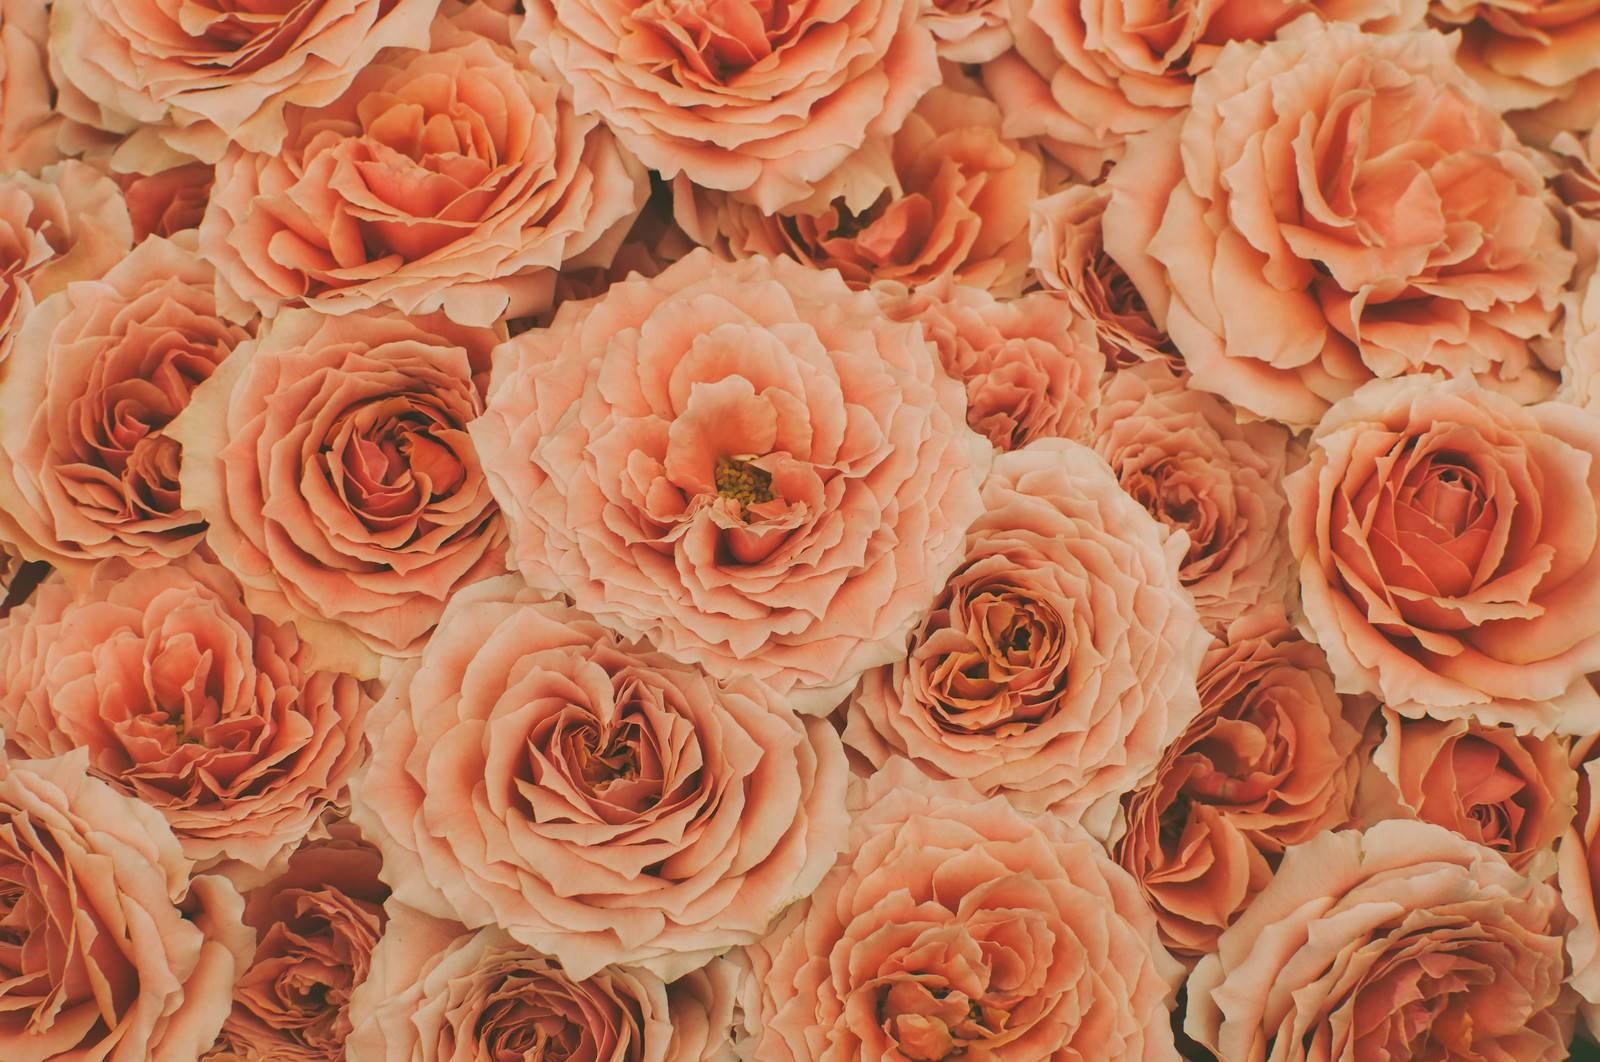 「オレンジ色の薔薇(テクスチャー)」の写真